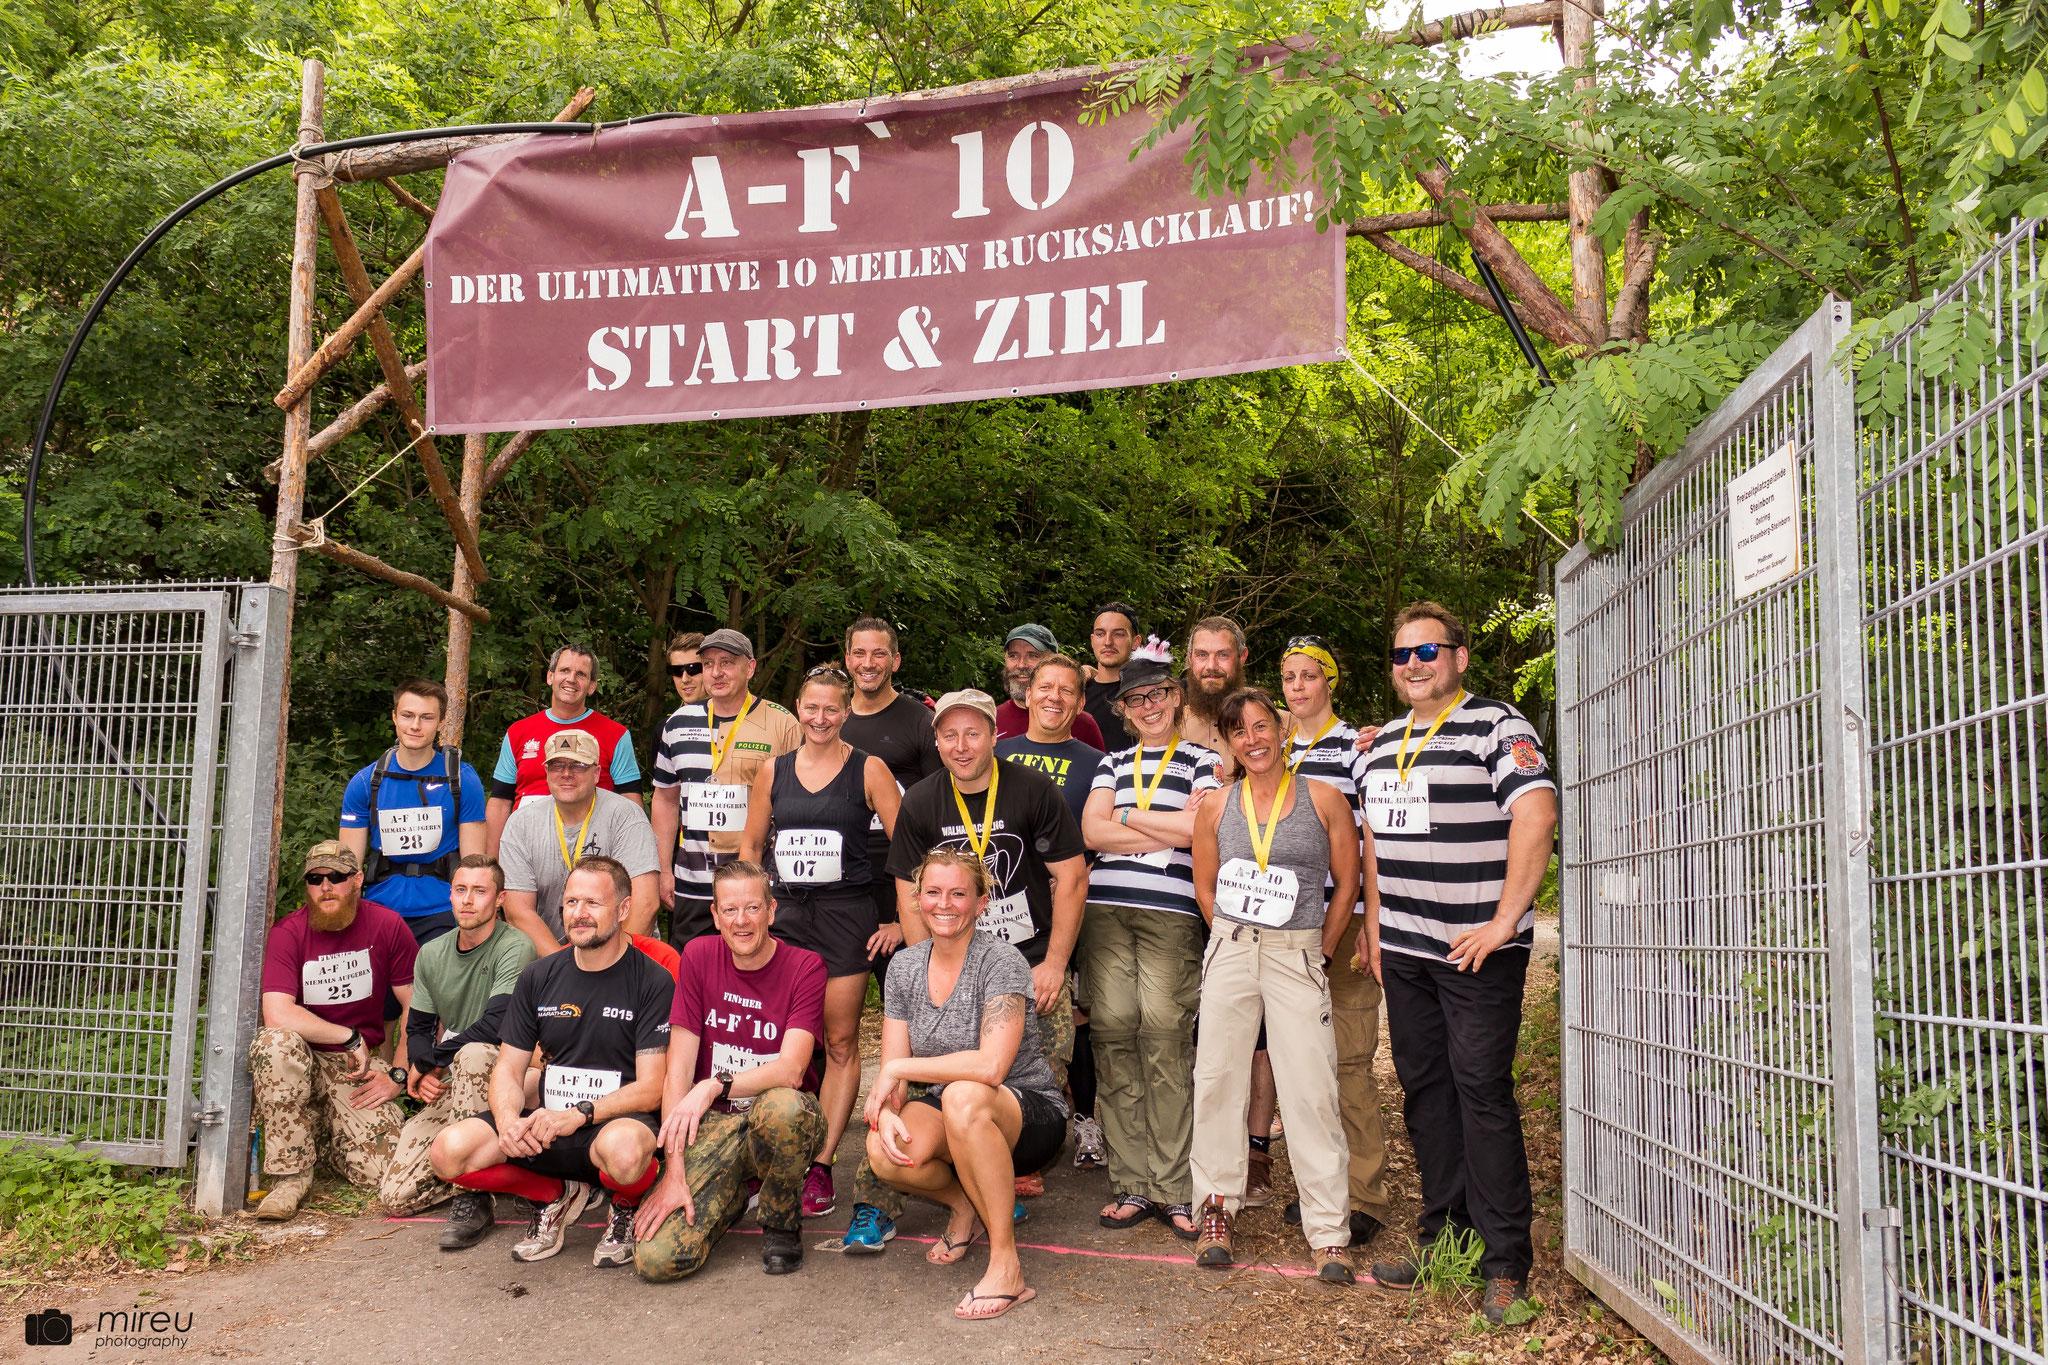 Foto aller Läuferinnen und Läufer.